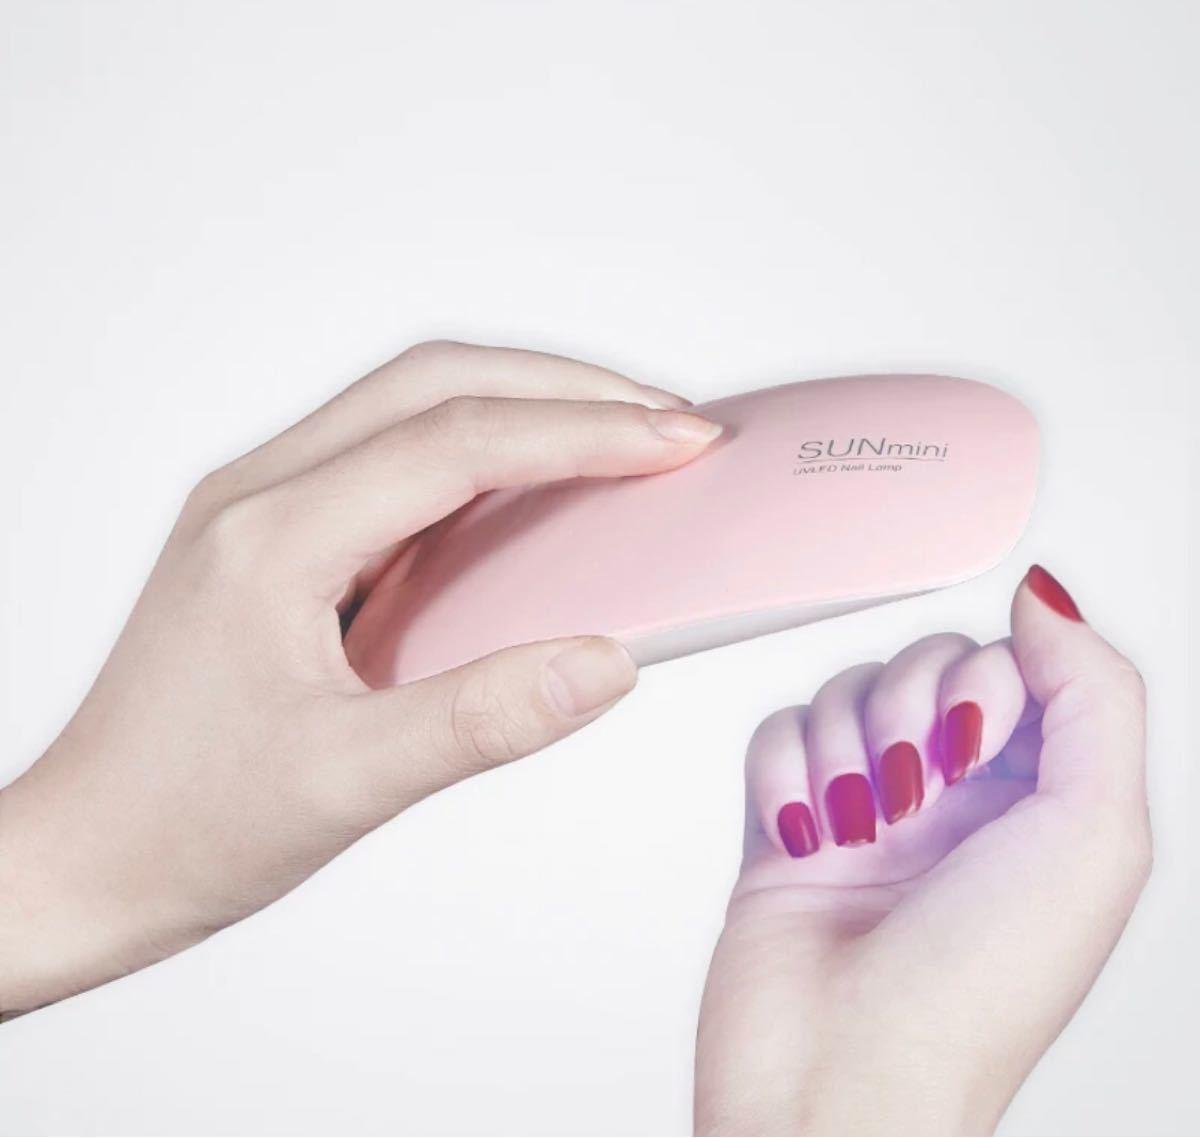 ジェルネイルライト 新品未使用 ピンク UVライト LED  残りわずかです!